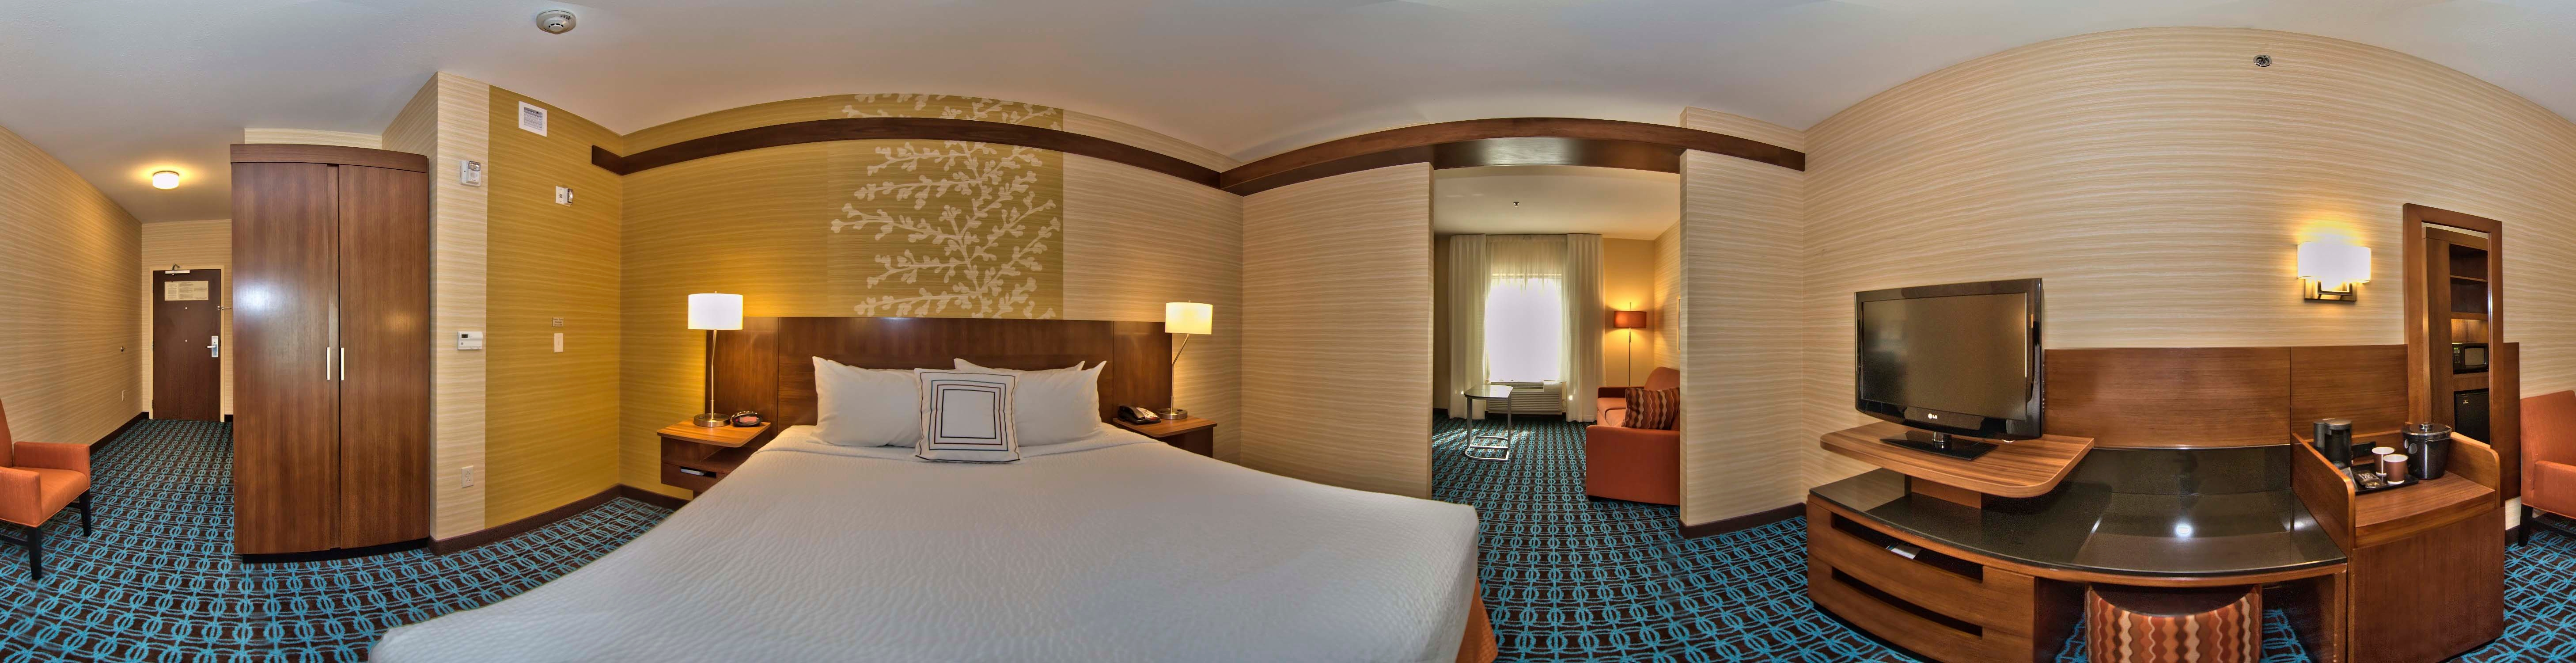 Fairfield Inn & Suites by Marriott Towanda Wysox image 4